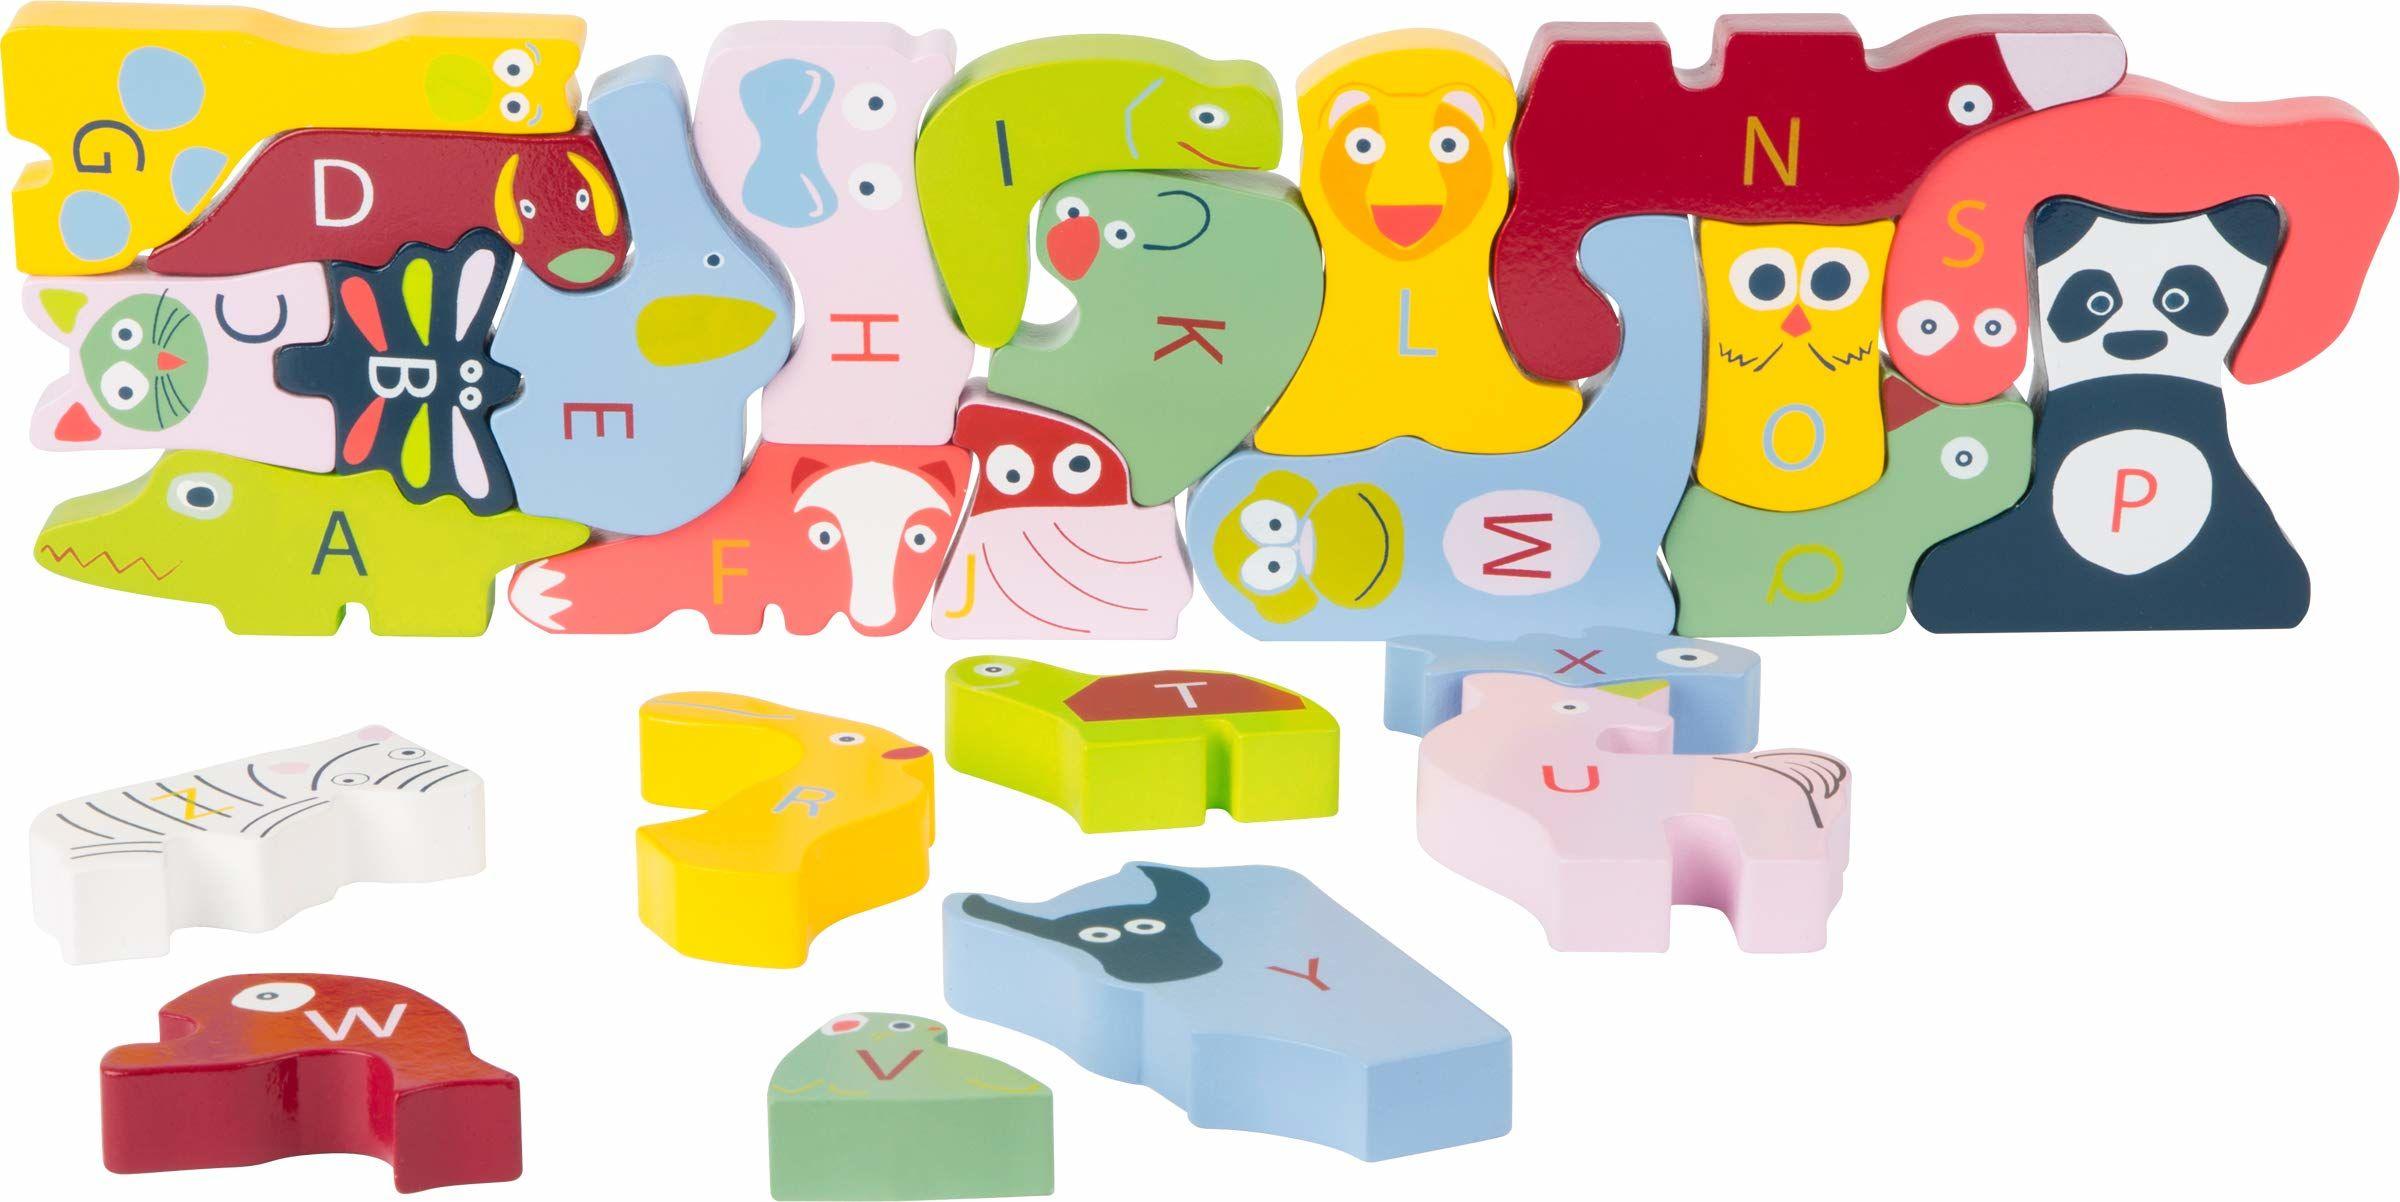 Small Foot Design 10869 ABC puzzle składa się z 26 drewnianych zwierzątek, z literami i kolorowymi twarzami, wspaniała zabawka edukacyjna dla dzieci w wieku przedszkolnym, dla dzieci od 3 lat